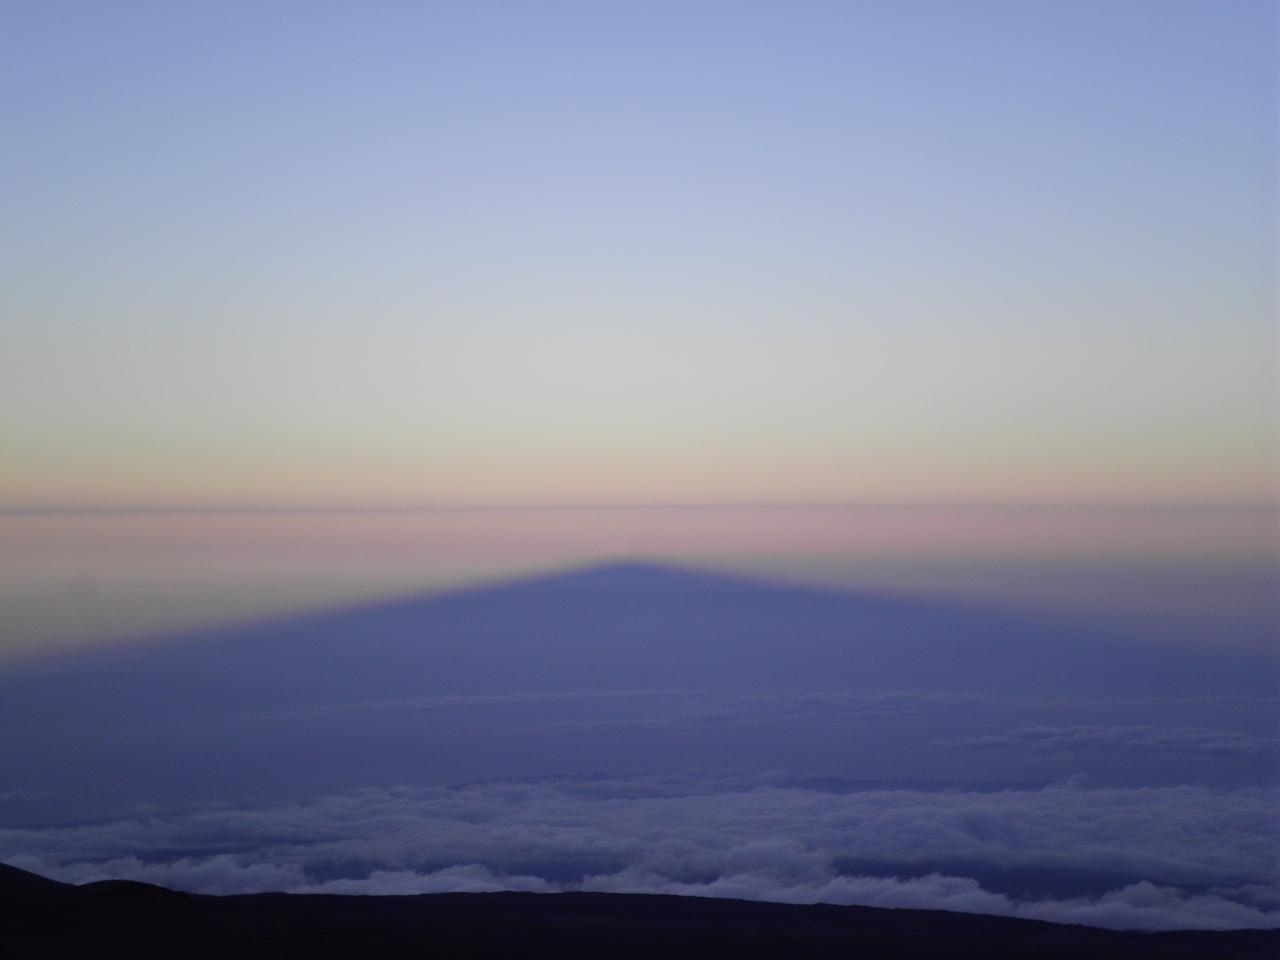 画像1: 【世界をあるく】ツアーのご紹介~ハワイ島大自然満喫ハイキング長谷川ネイチャーガイドとじっくり歩く6日間~